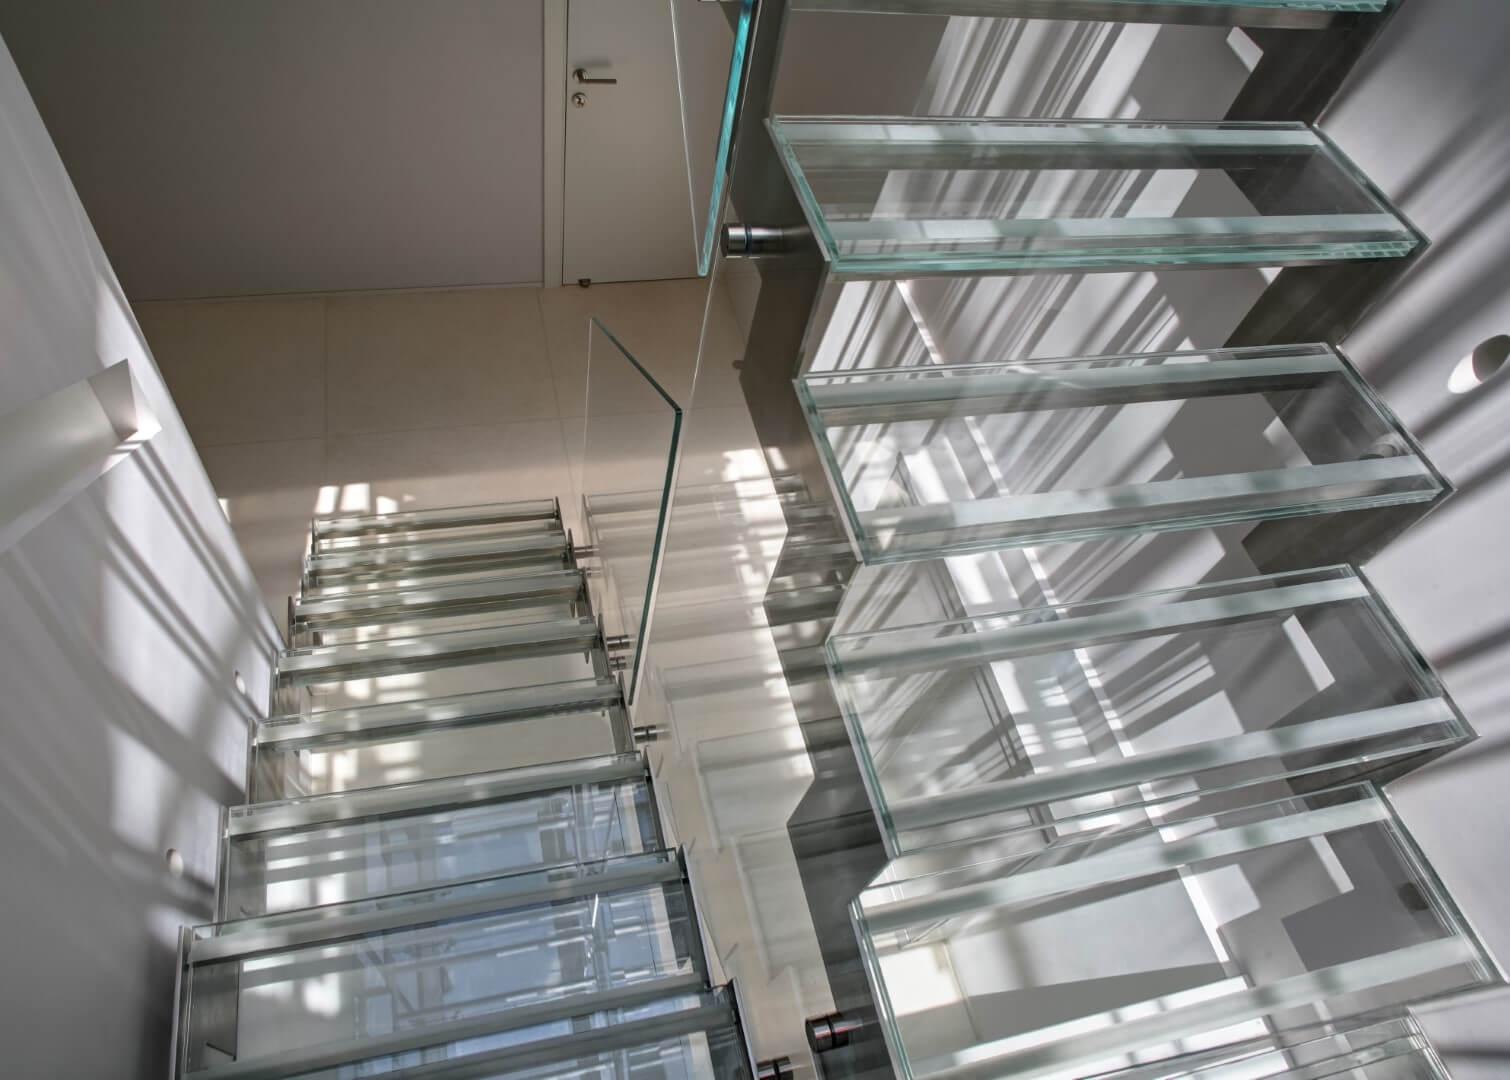 מדרגות זכוכית על קונסטרוקציות נירוסטה עם מעקה זכוכית אקסטרה קליר ומאחזי נירוסטה תלויים על הזכוכית